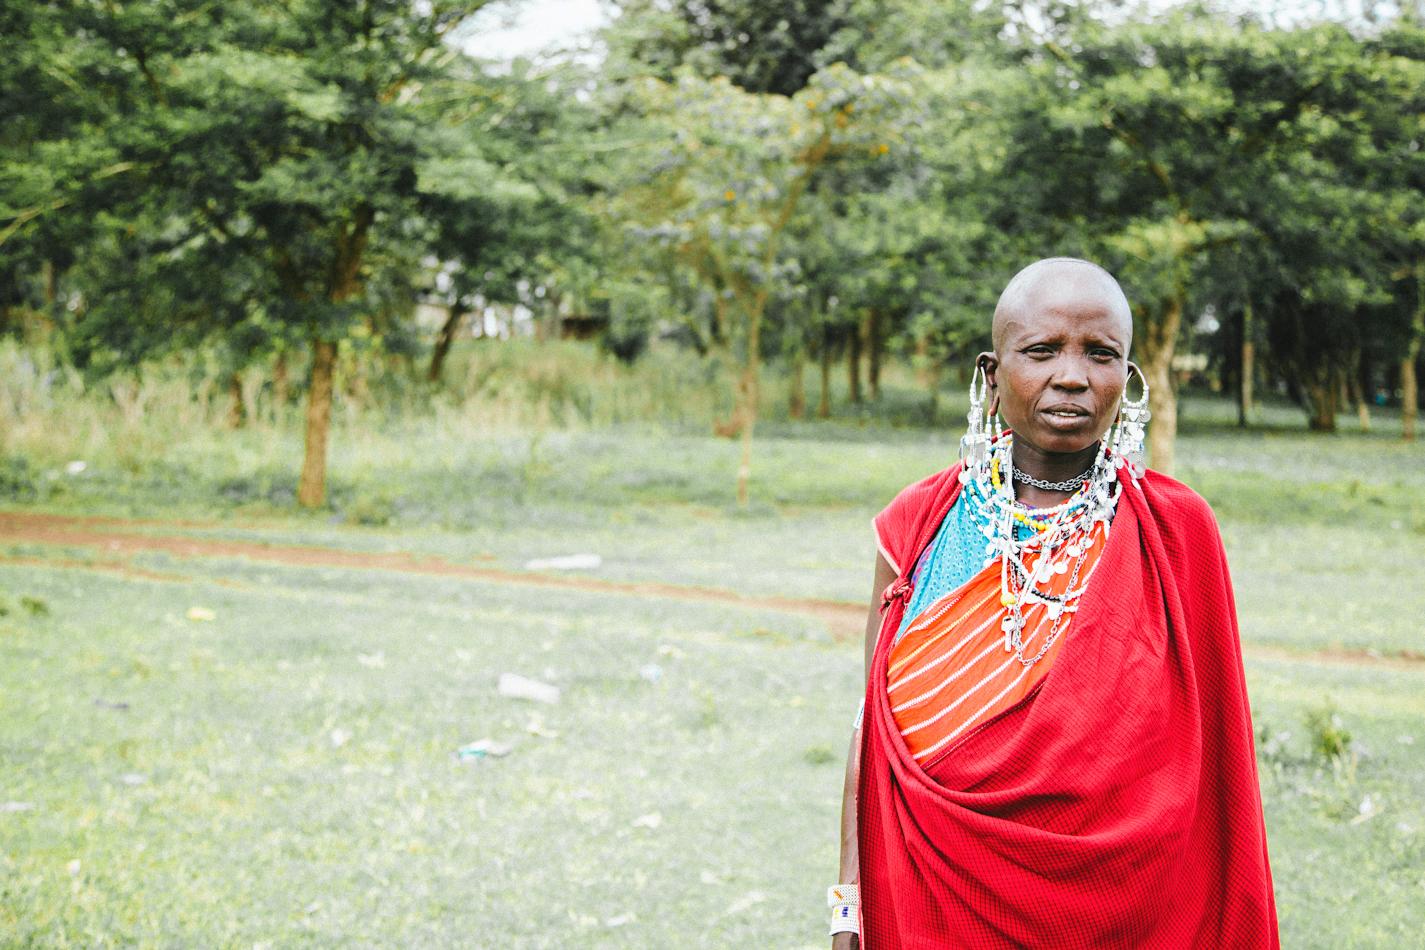 Massai Elder by Paige Jones